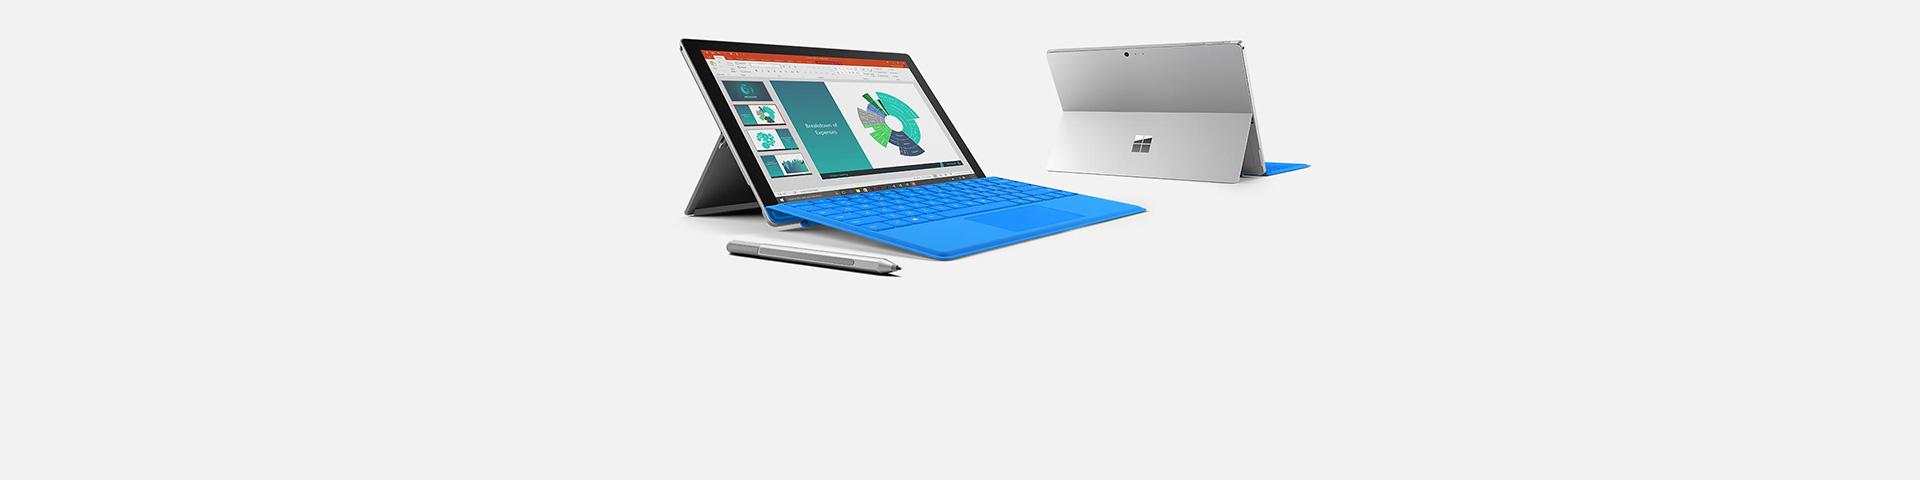 Surface Pro 4-toestellen